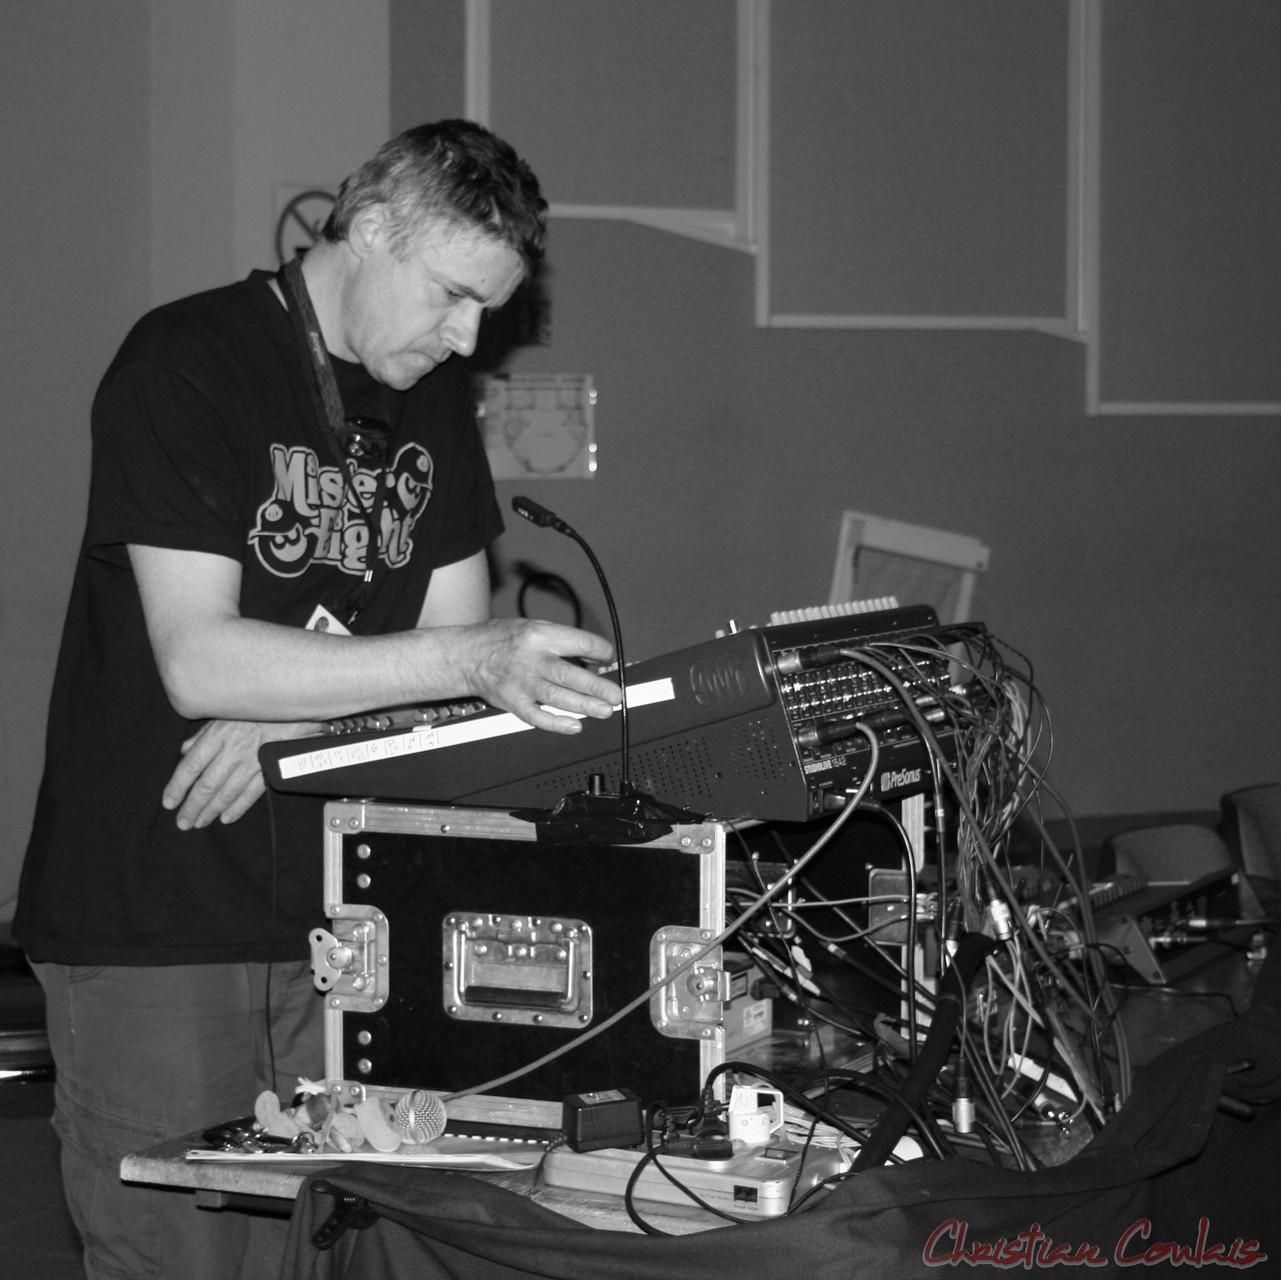 Festival JAZZ360 2010, Pablo Jaraute, régie son, Salle cuturelle de Cénac